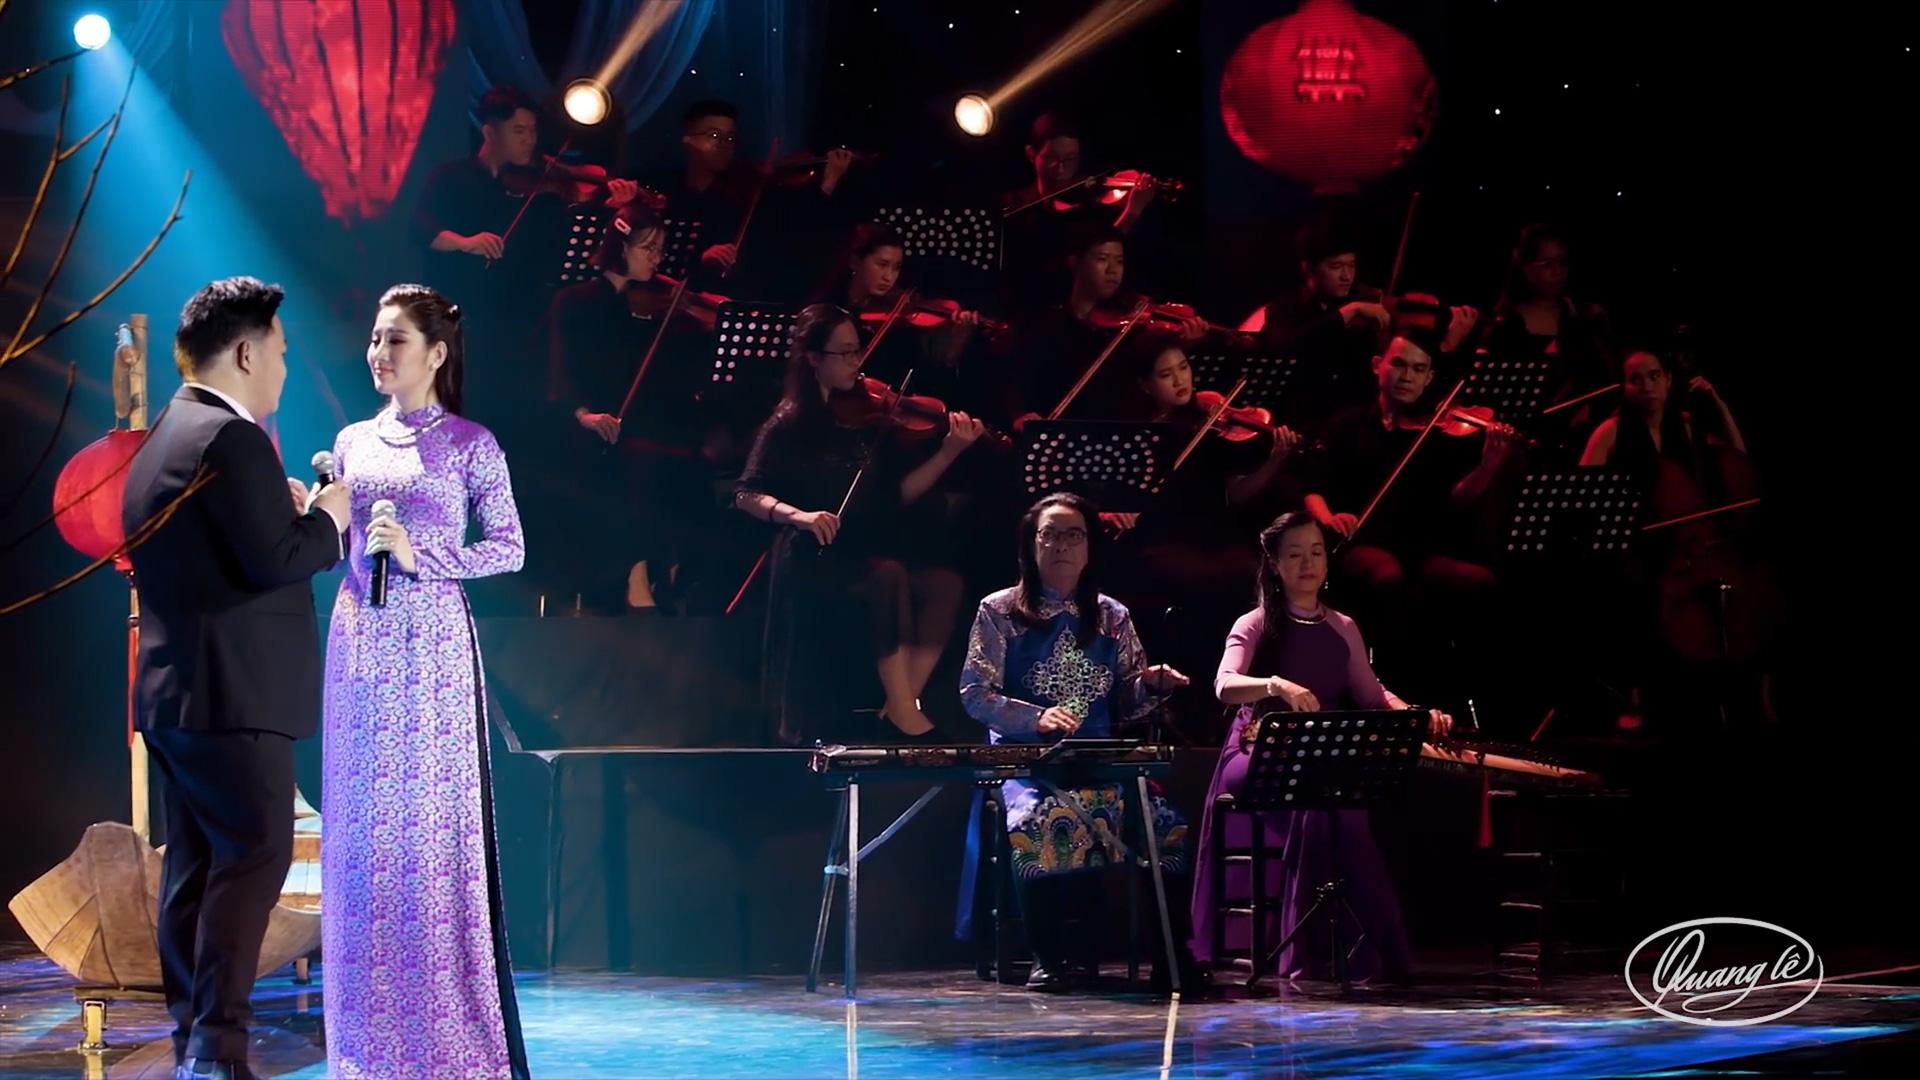 """Quang Lê: """"Ở Việt Nam, sau Lệ Quyên, Tố My là người song ca ăn ý nhất"""" - Ảnh 4."""